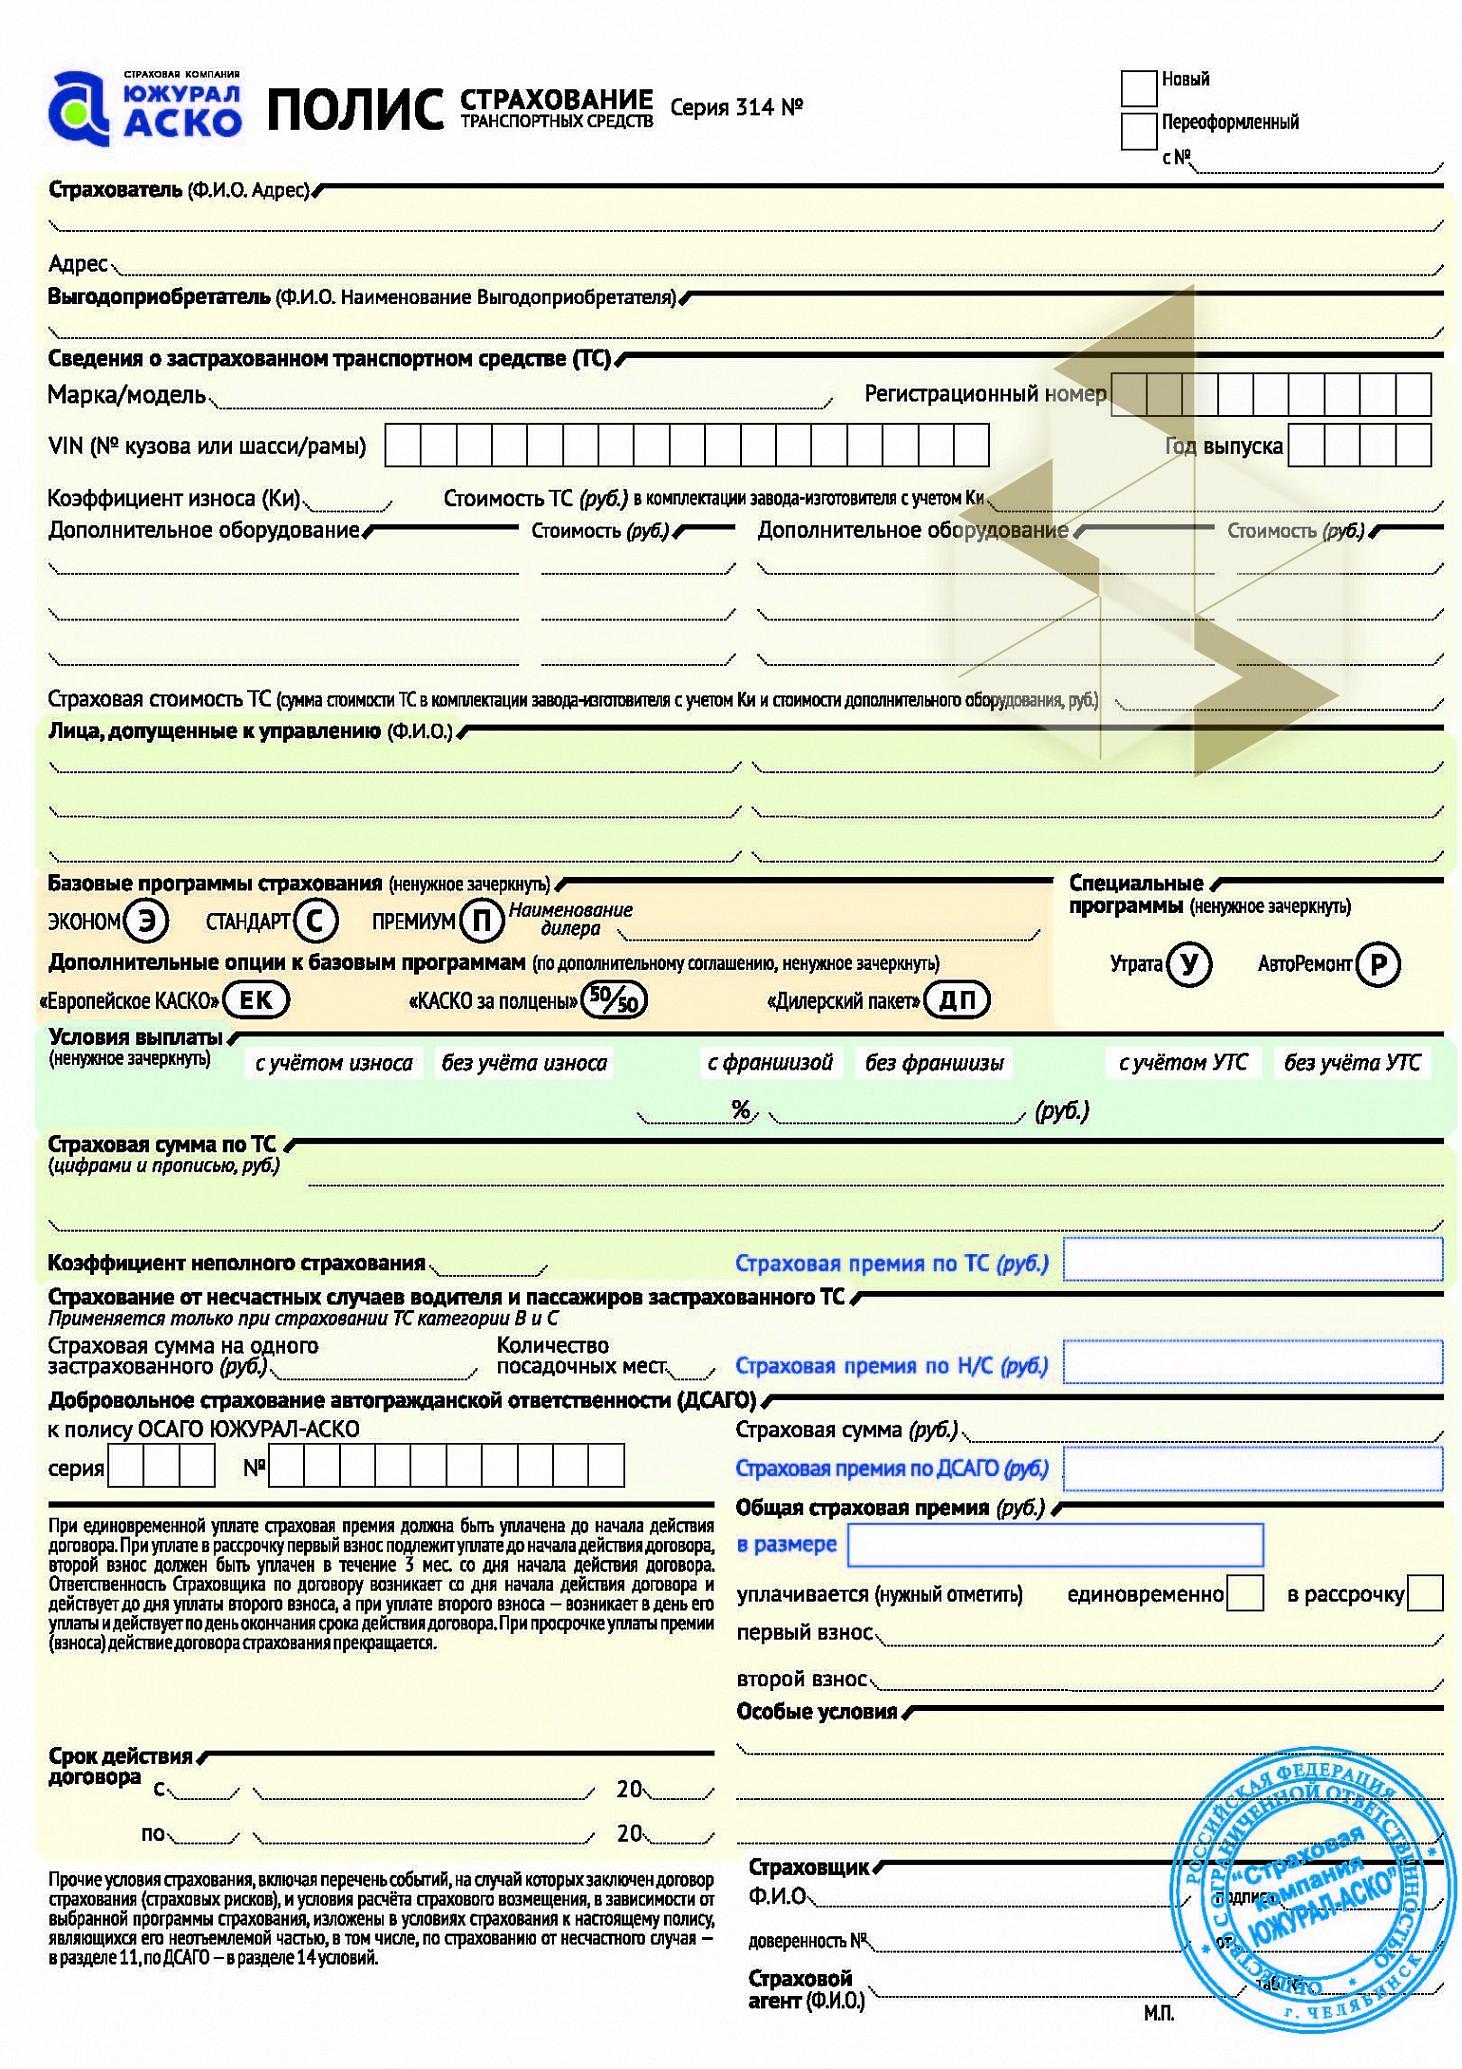 Южураласко страховая компания челябинск официальный сайт фильтр за поведенческие факторы